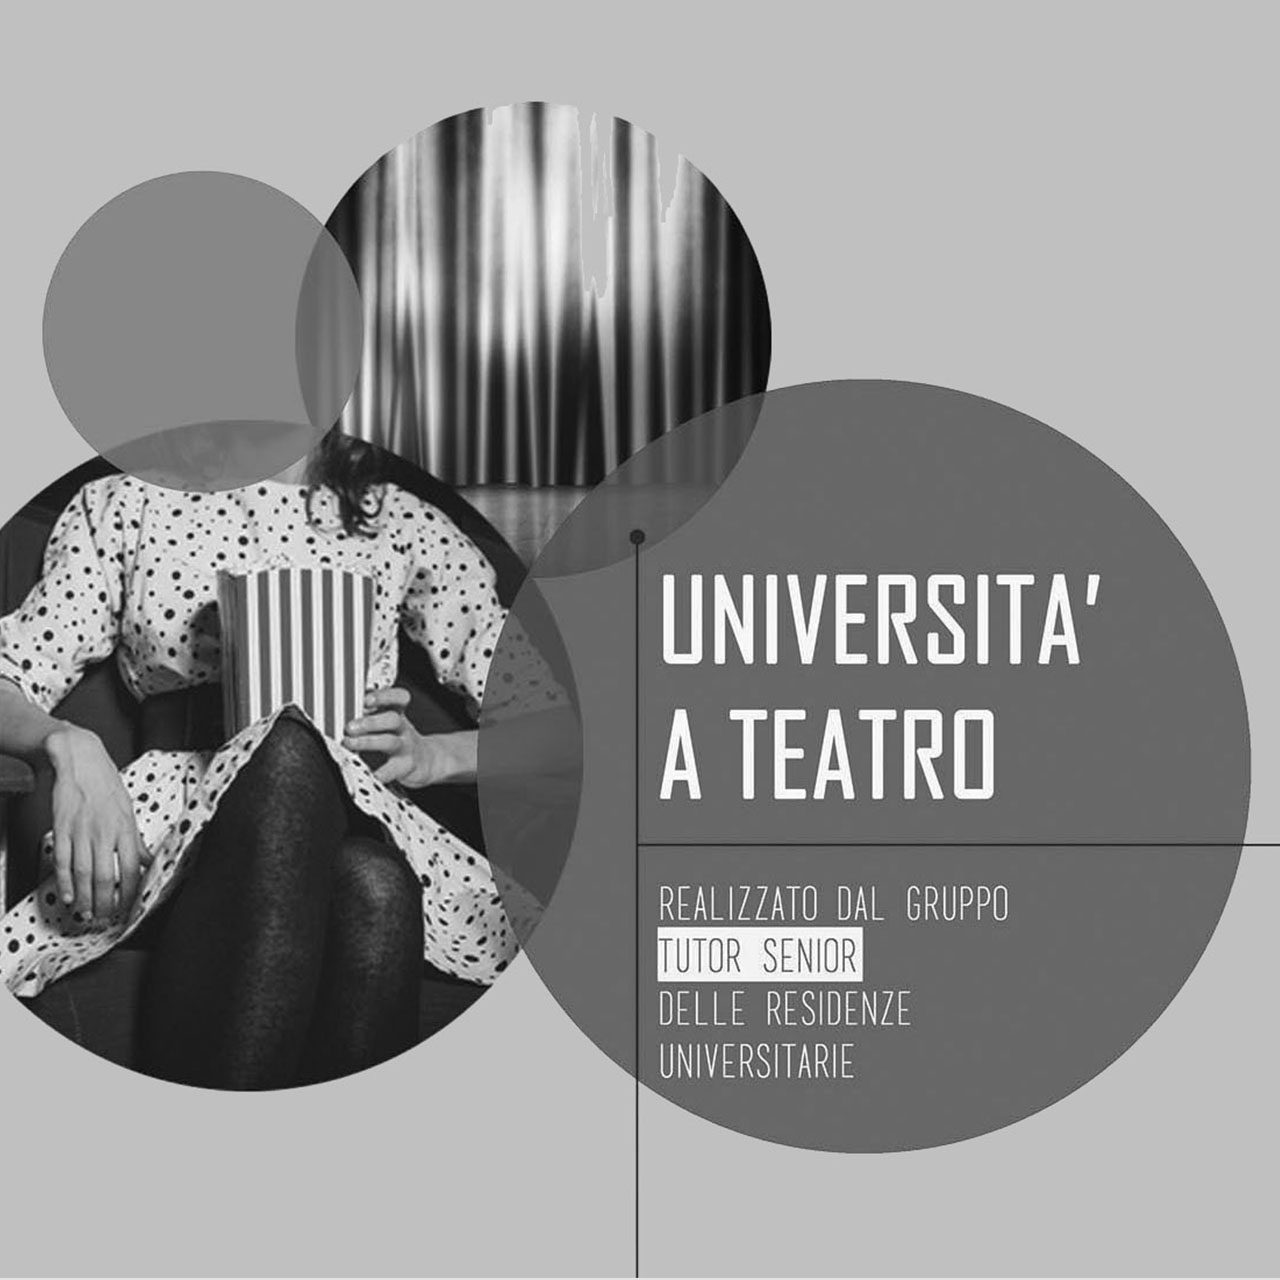 grafica-locandina-teatro-universita-degli-studi-di-brescia-contessifostinelli-